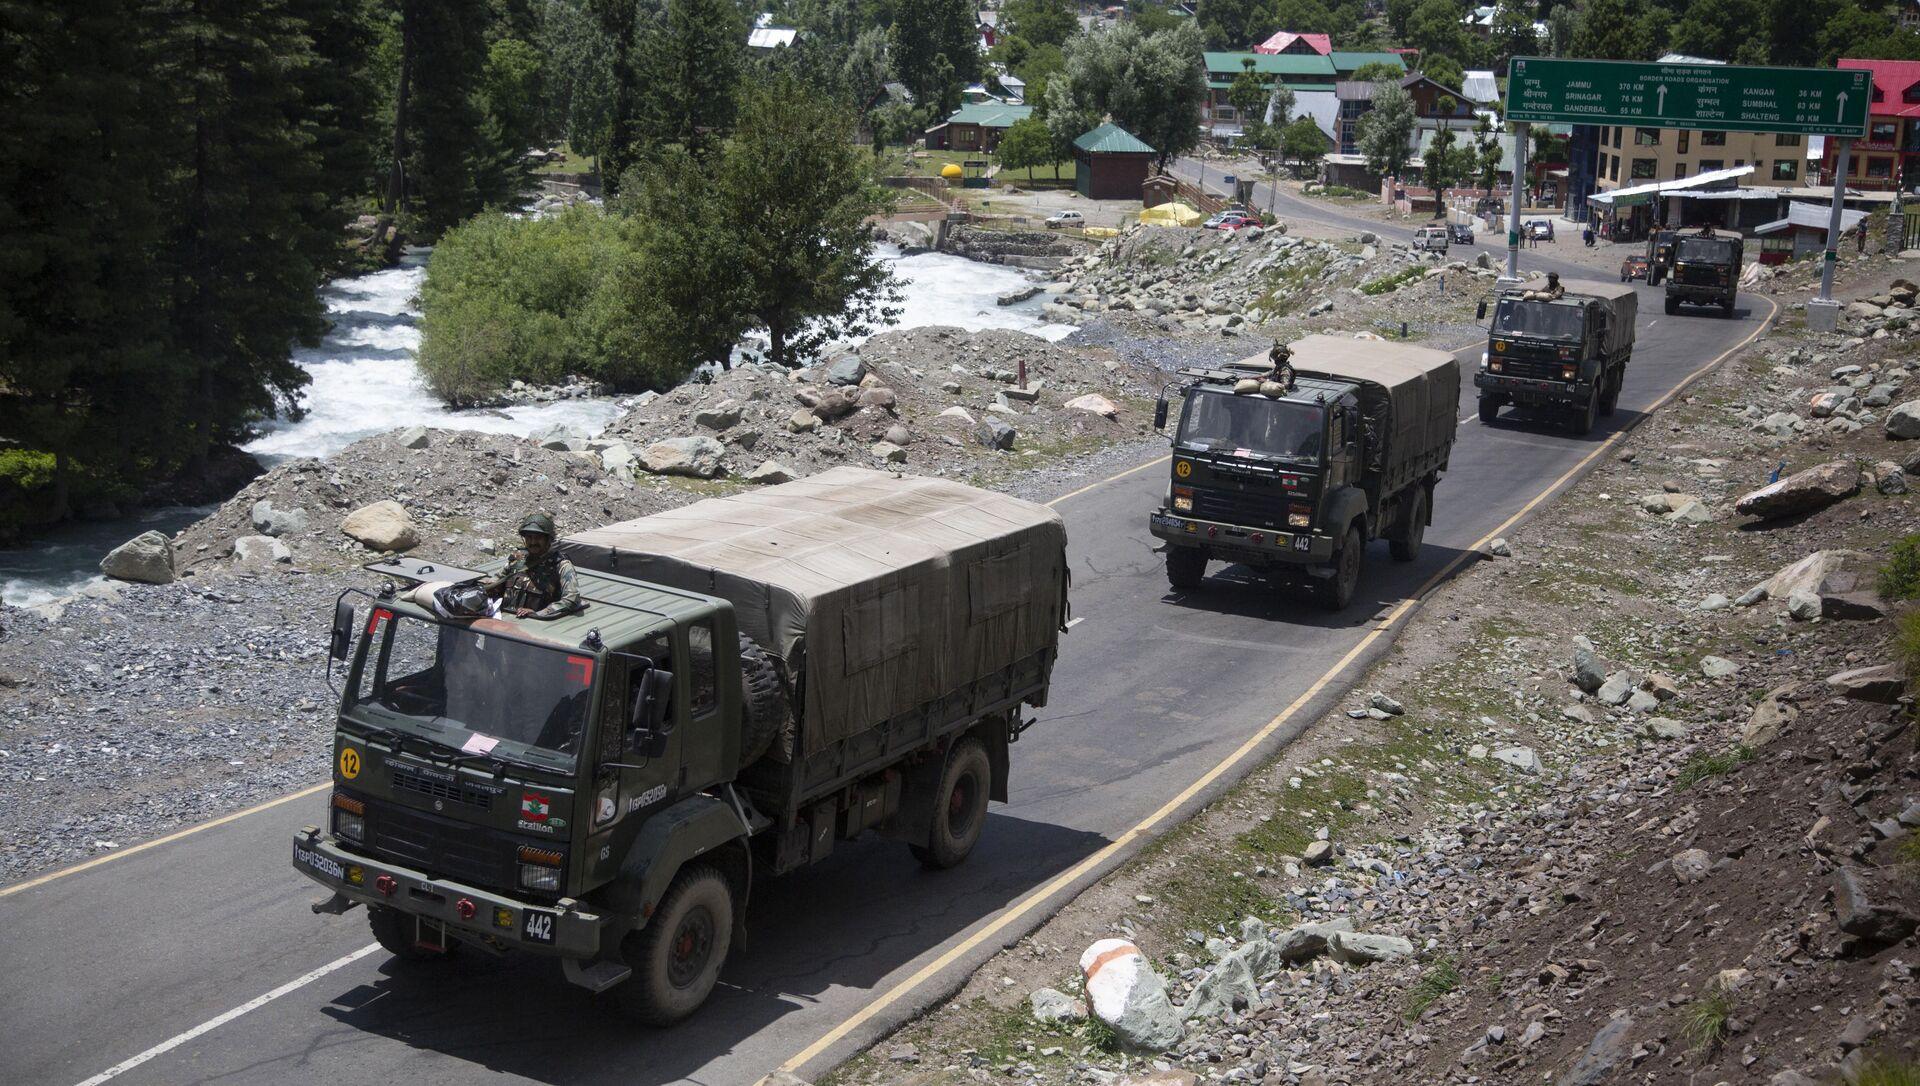 Đoàn xe quân đội Ấn Độ di chuyển dọc theo đường cao tốc ở Ladakh. - Sputnik Việt Nam, 1920, 26.06.2021